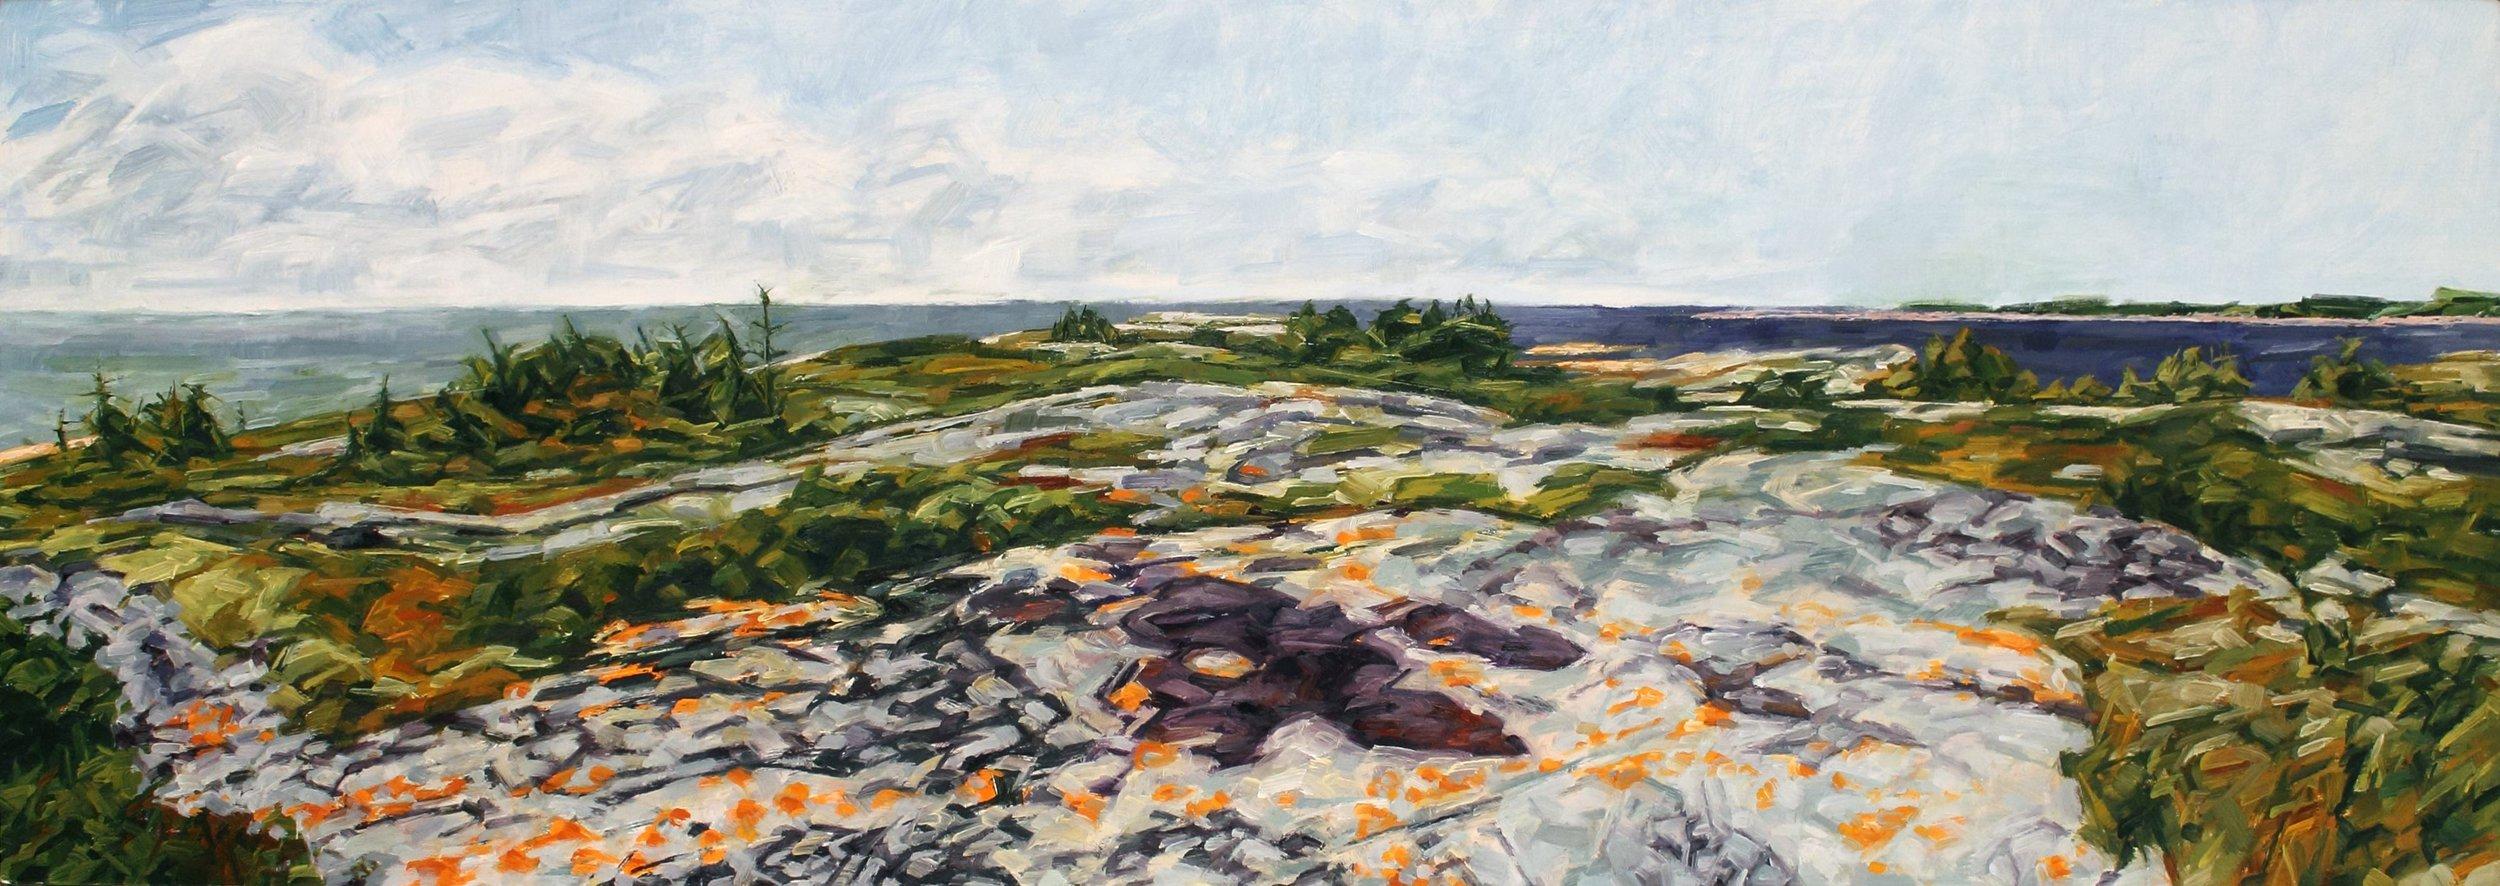 Northern Landscape II-Lichen Headland